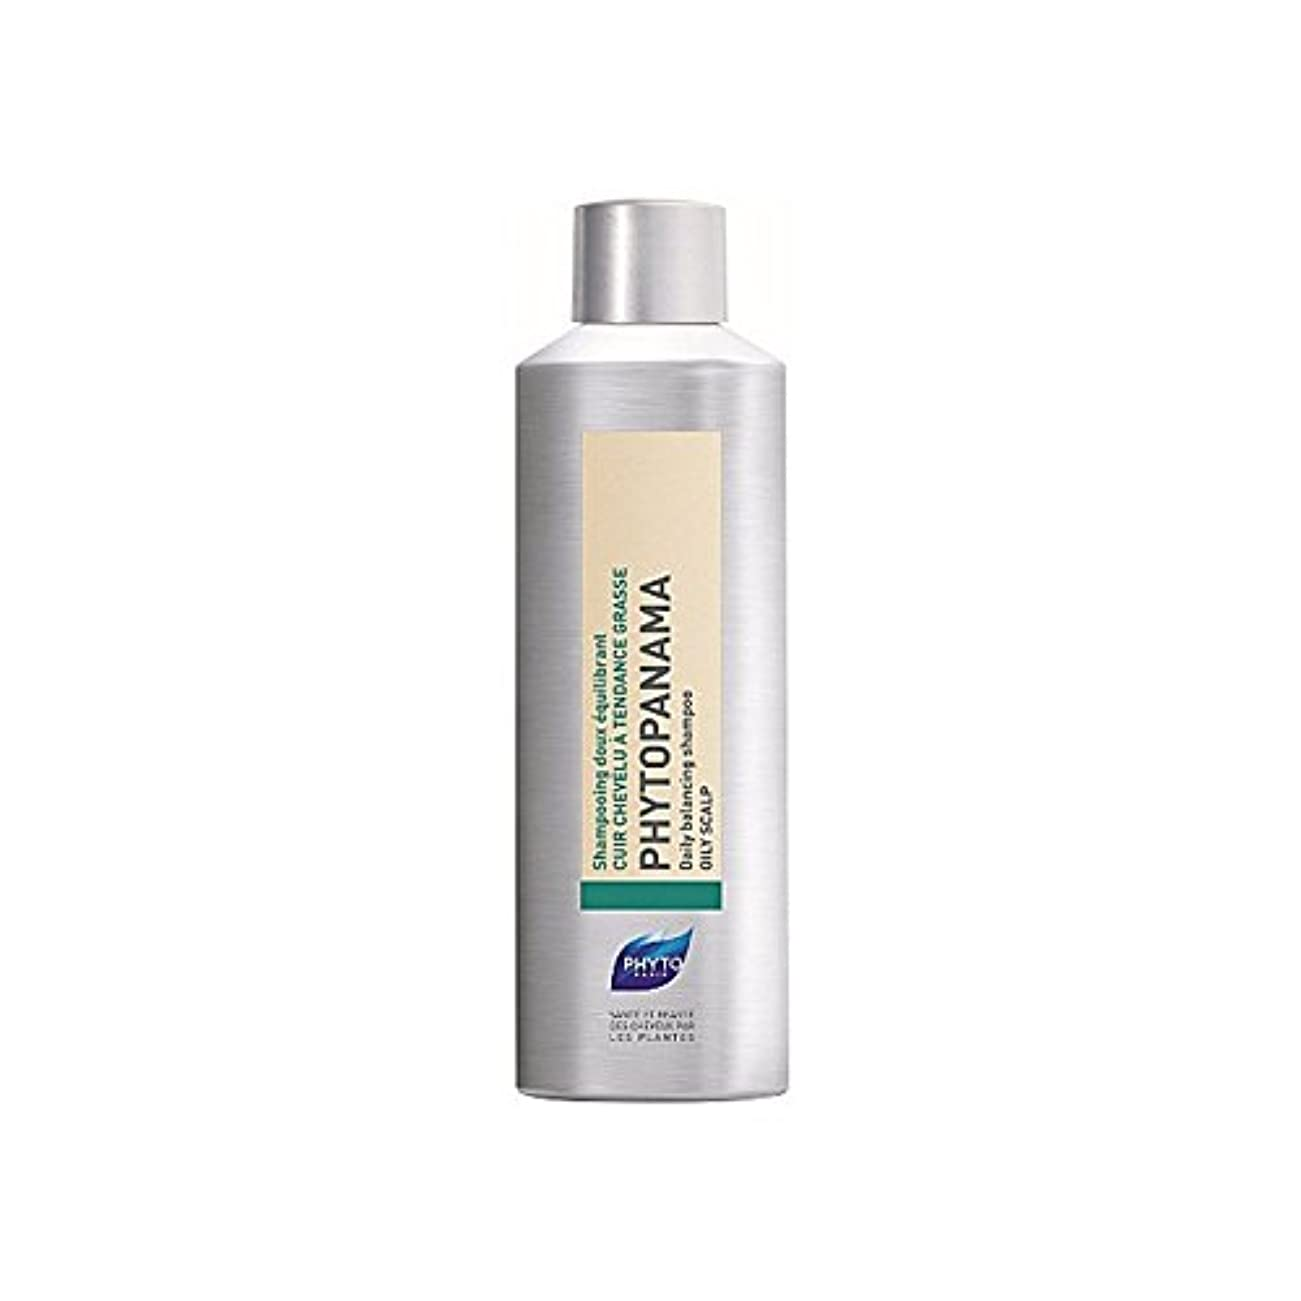 禁止ライブ肥満フィトシャンプー200ミリリットル x4 - Phyto Phytopanama Shampoo 200ml (Pack of 4) [並行輸入品]